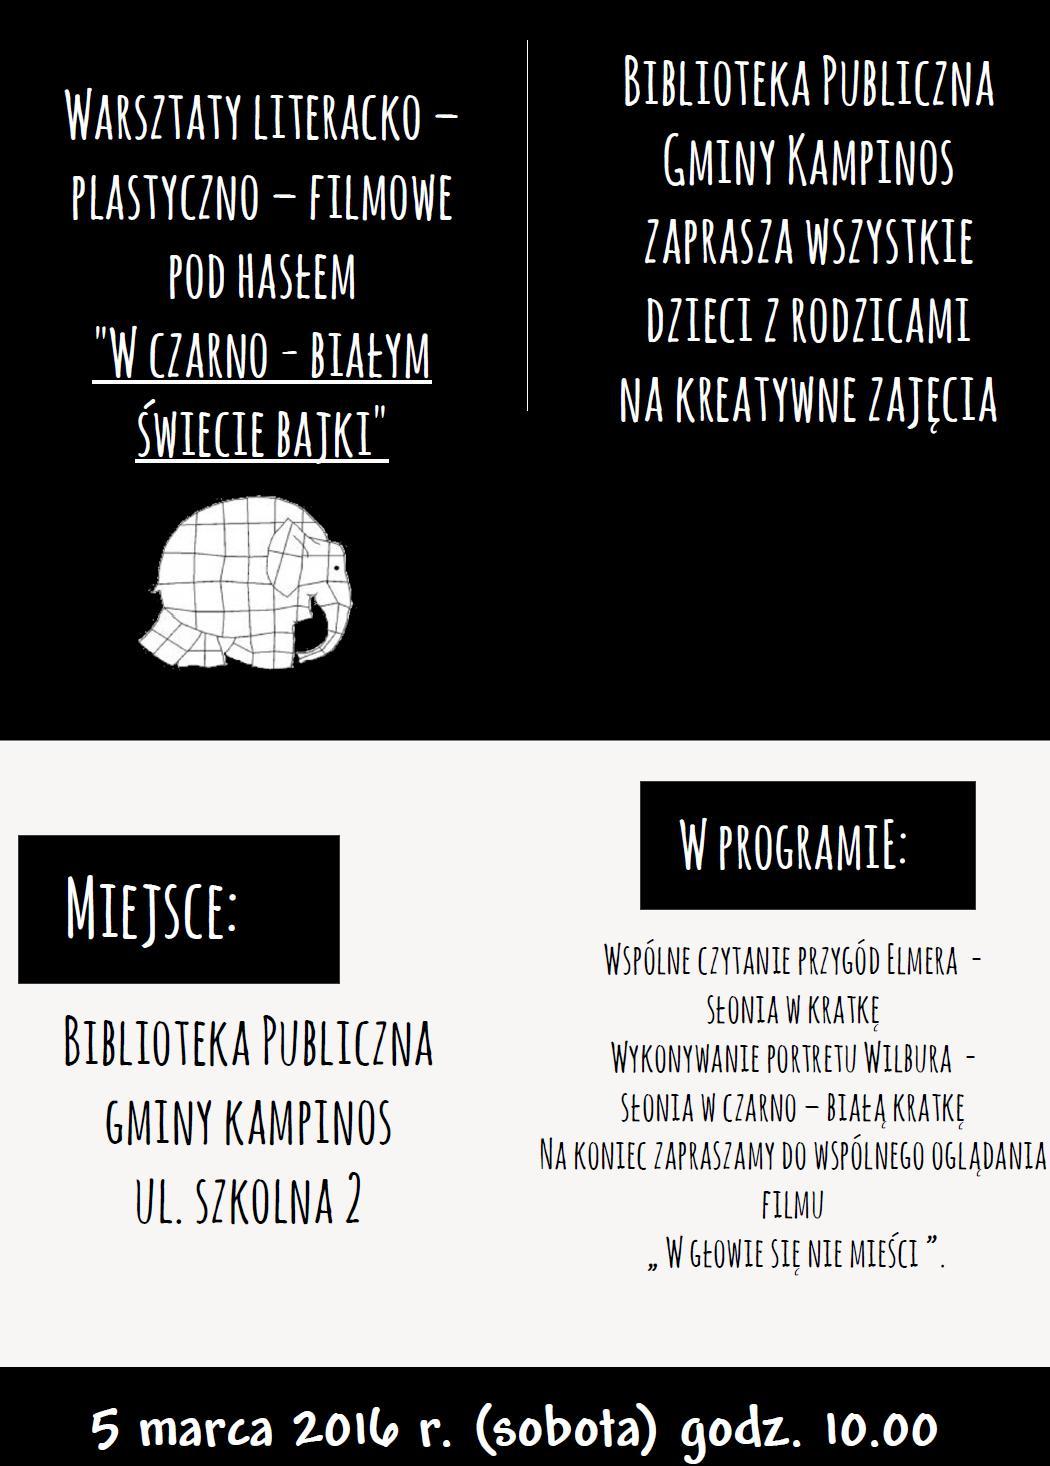 warsztaty-5marca